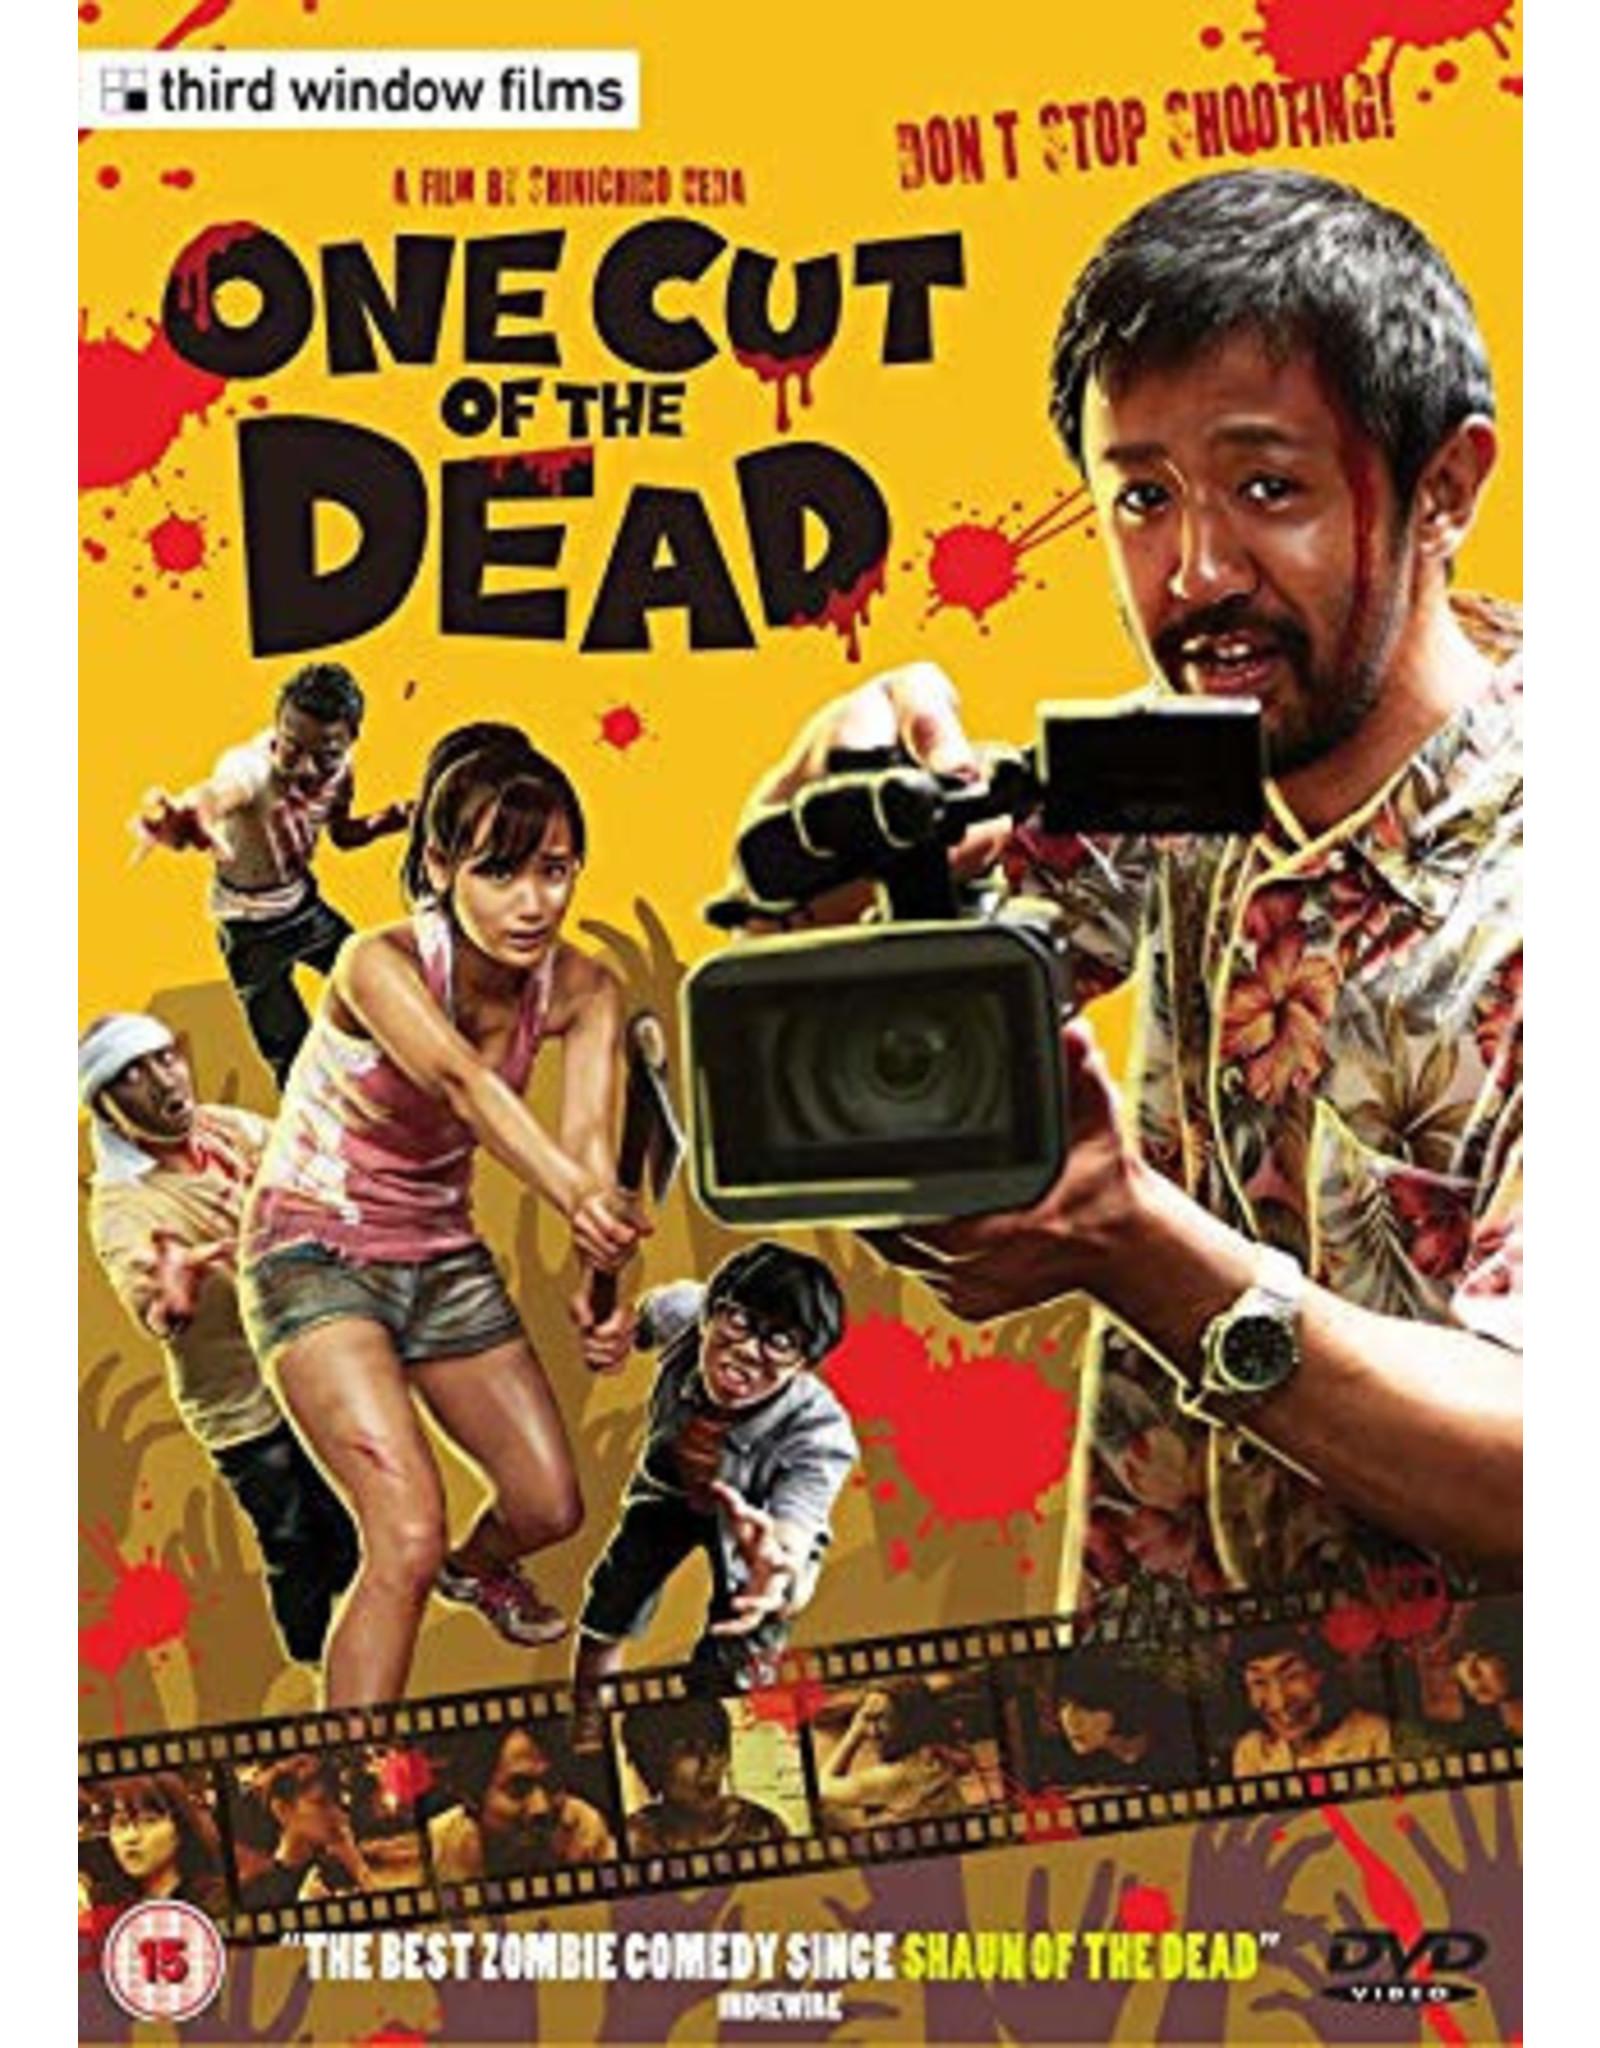 One Cut of The Dead (DVD) - (Engelstalige ondertitels)